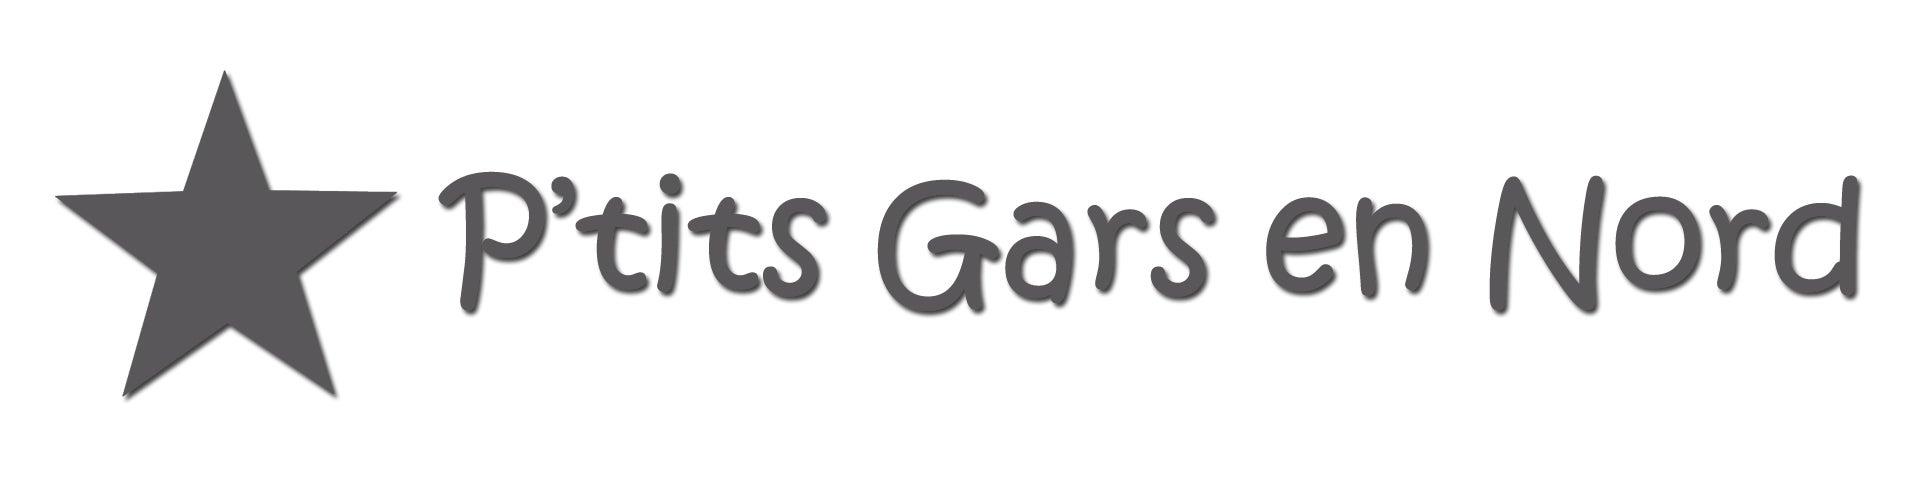 P'tits Gars en Nord